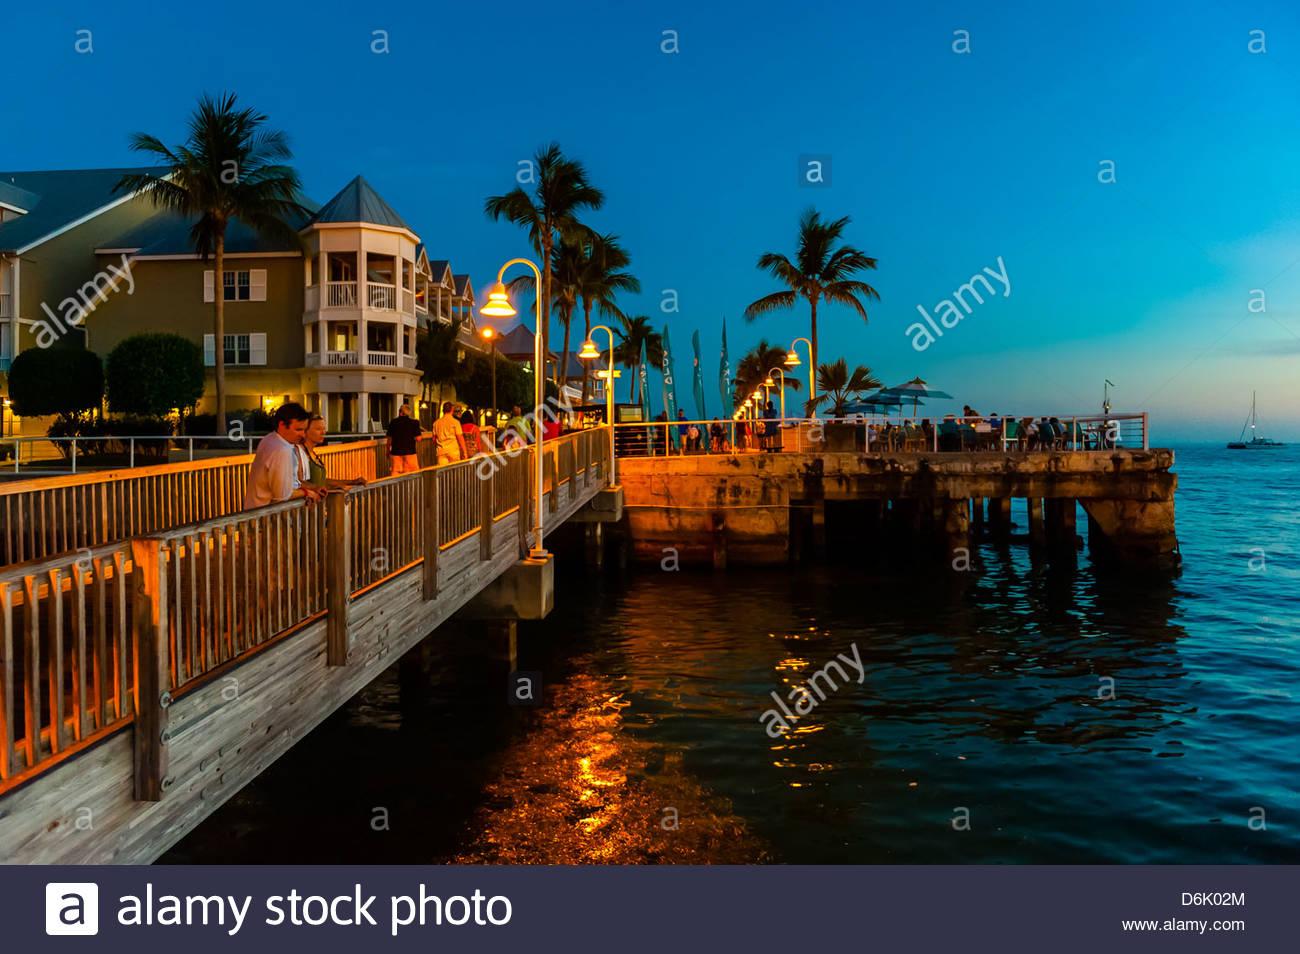 Sunset celebration, Mallory Square, Key West, Florida Keys, Florida USA Stock Photo